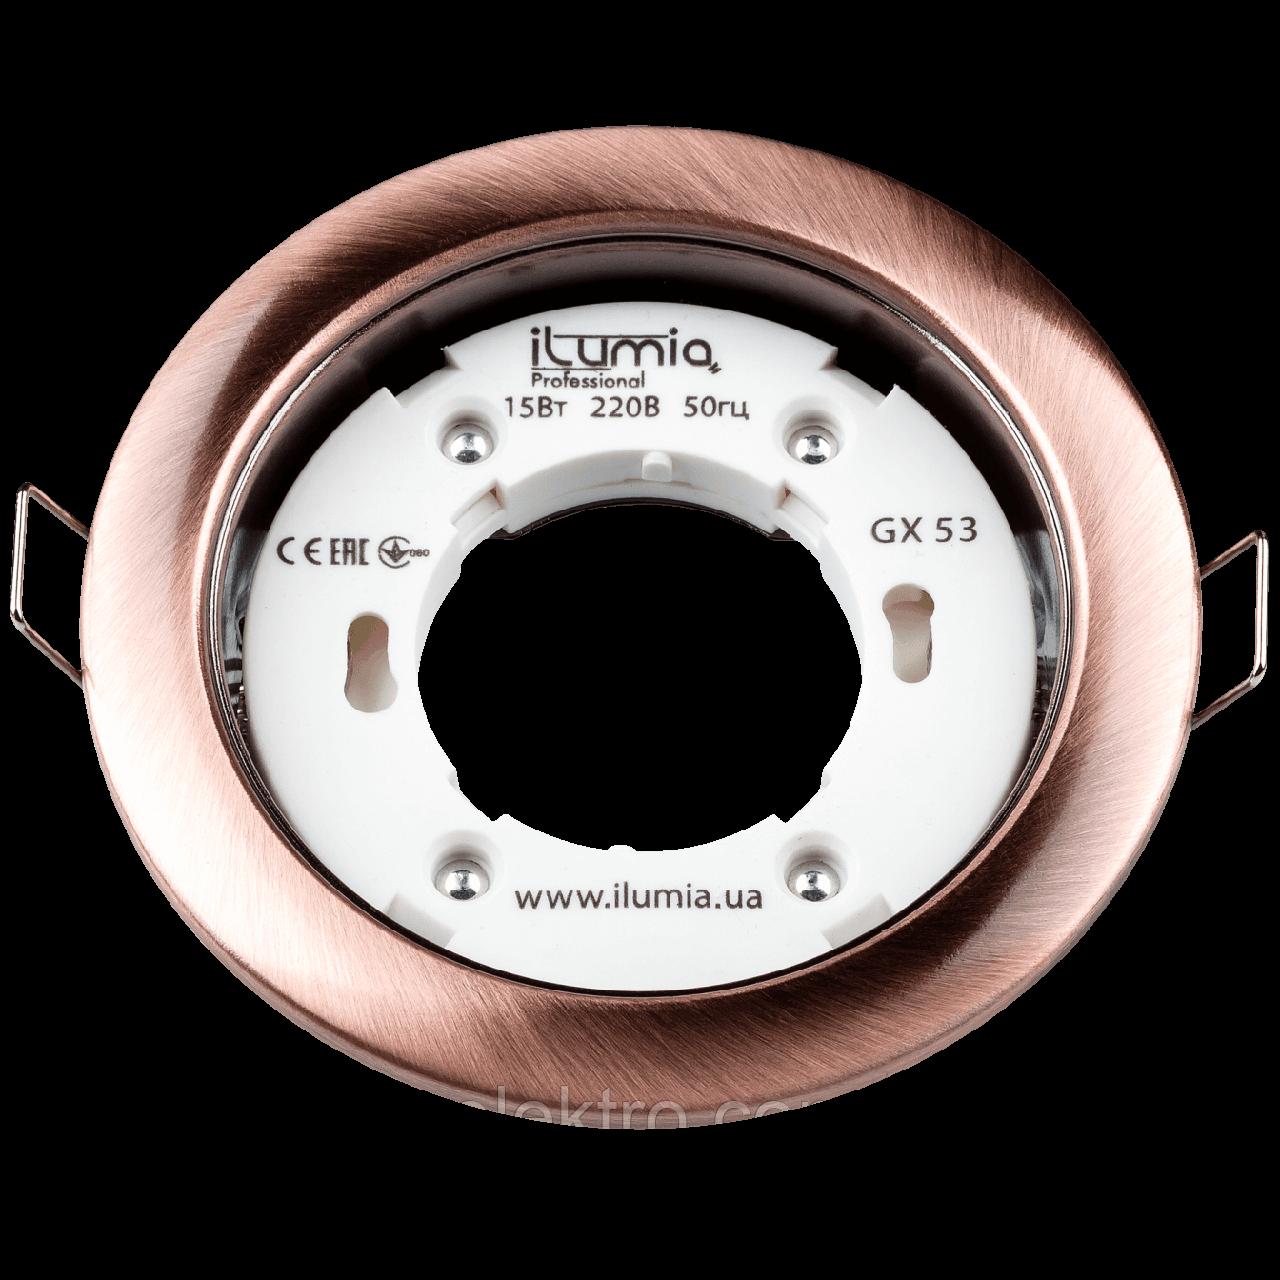 Світильник Ilumia під лампу GX53 Мідь 90mm коло врізний (053)